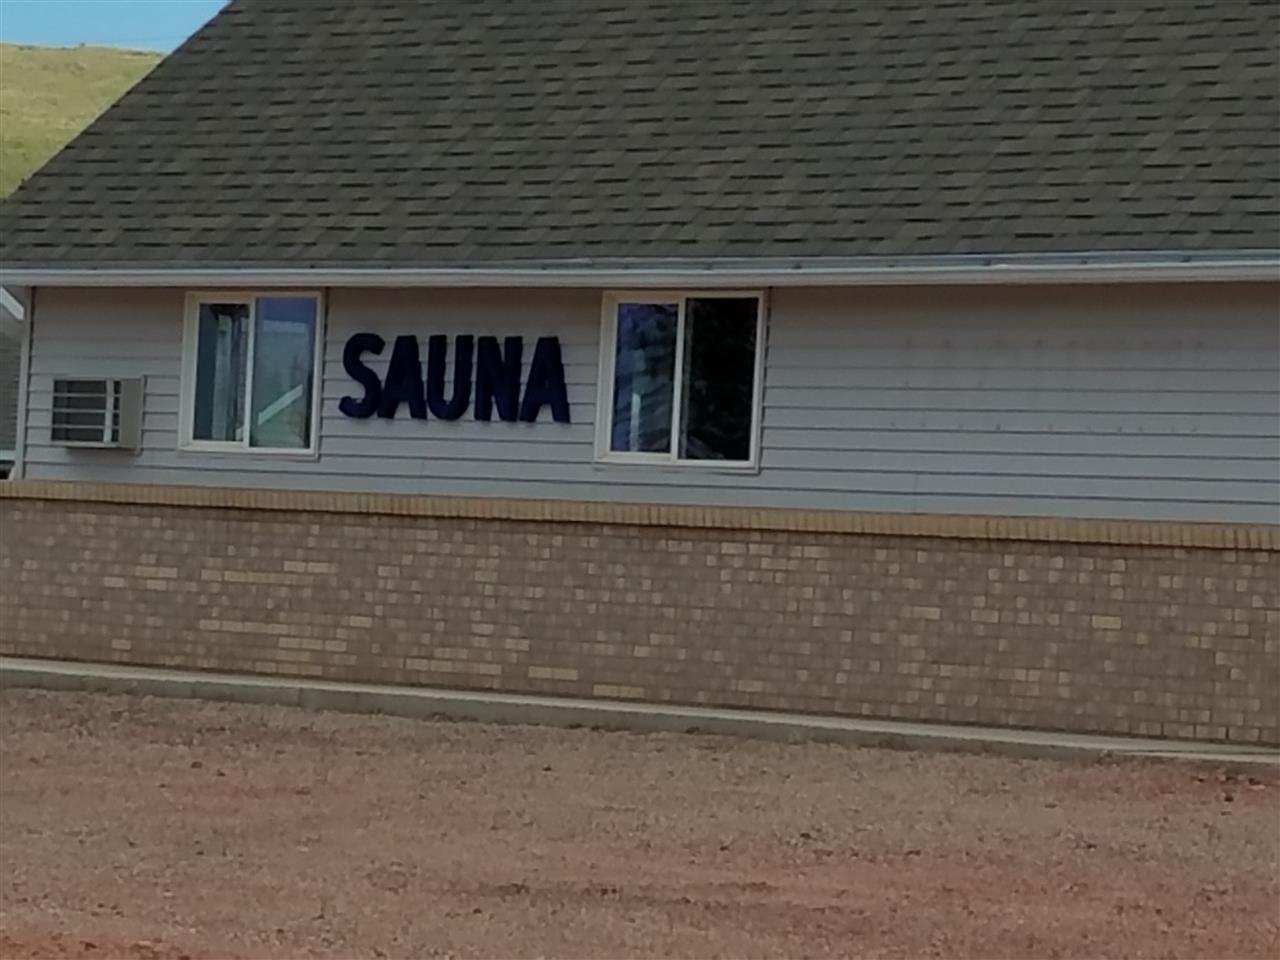 Resort Sauna, Next Door To Motel.